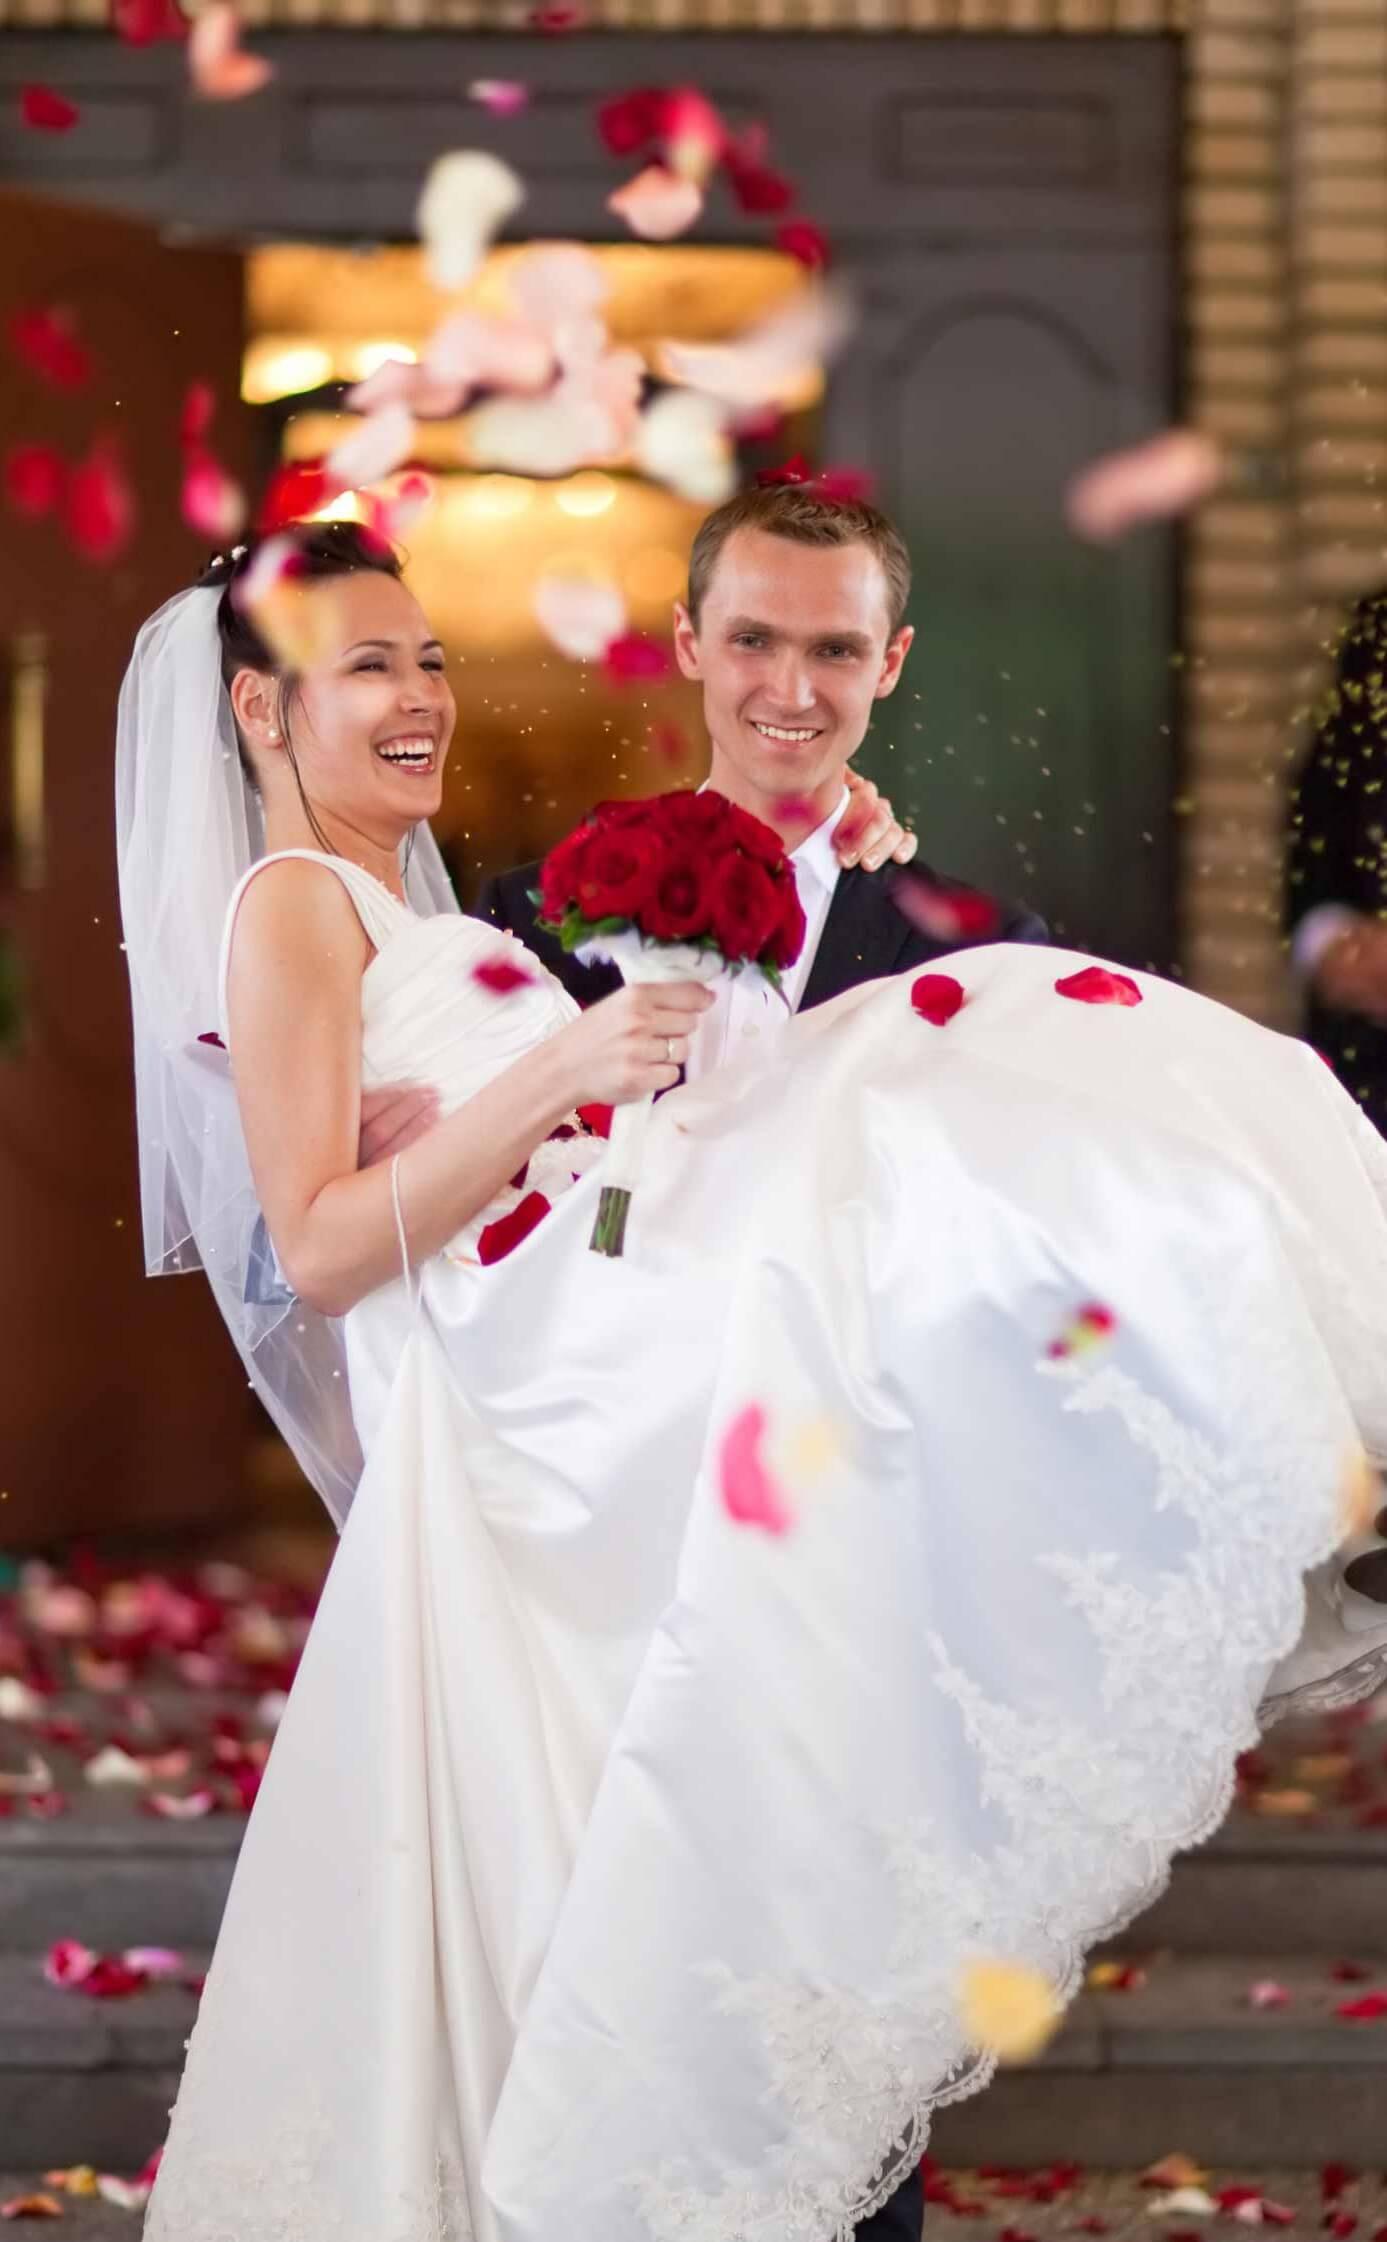 Ablauf Hochzeit Standesamt  Ablauf Hochzeit